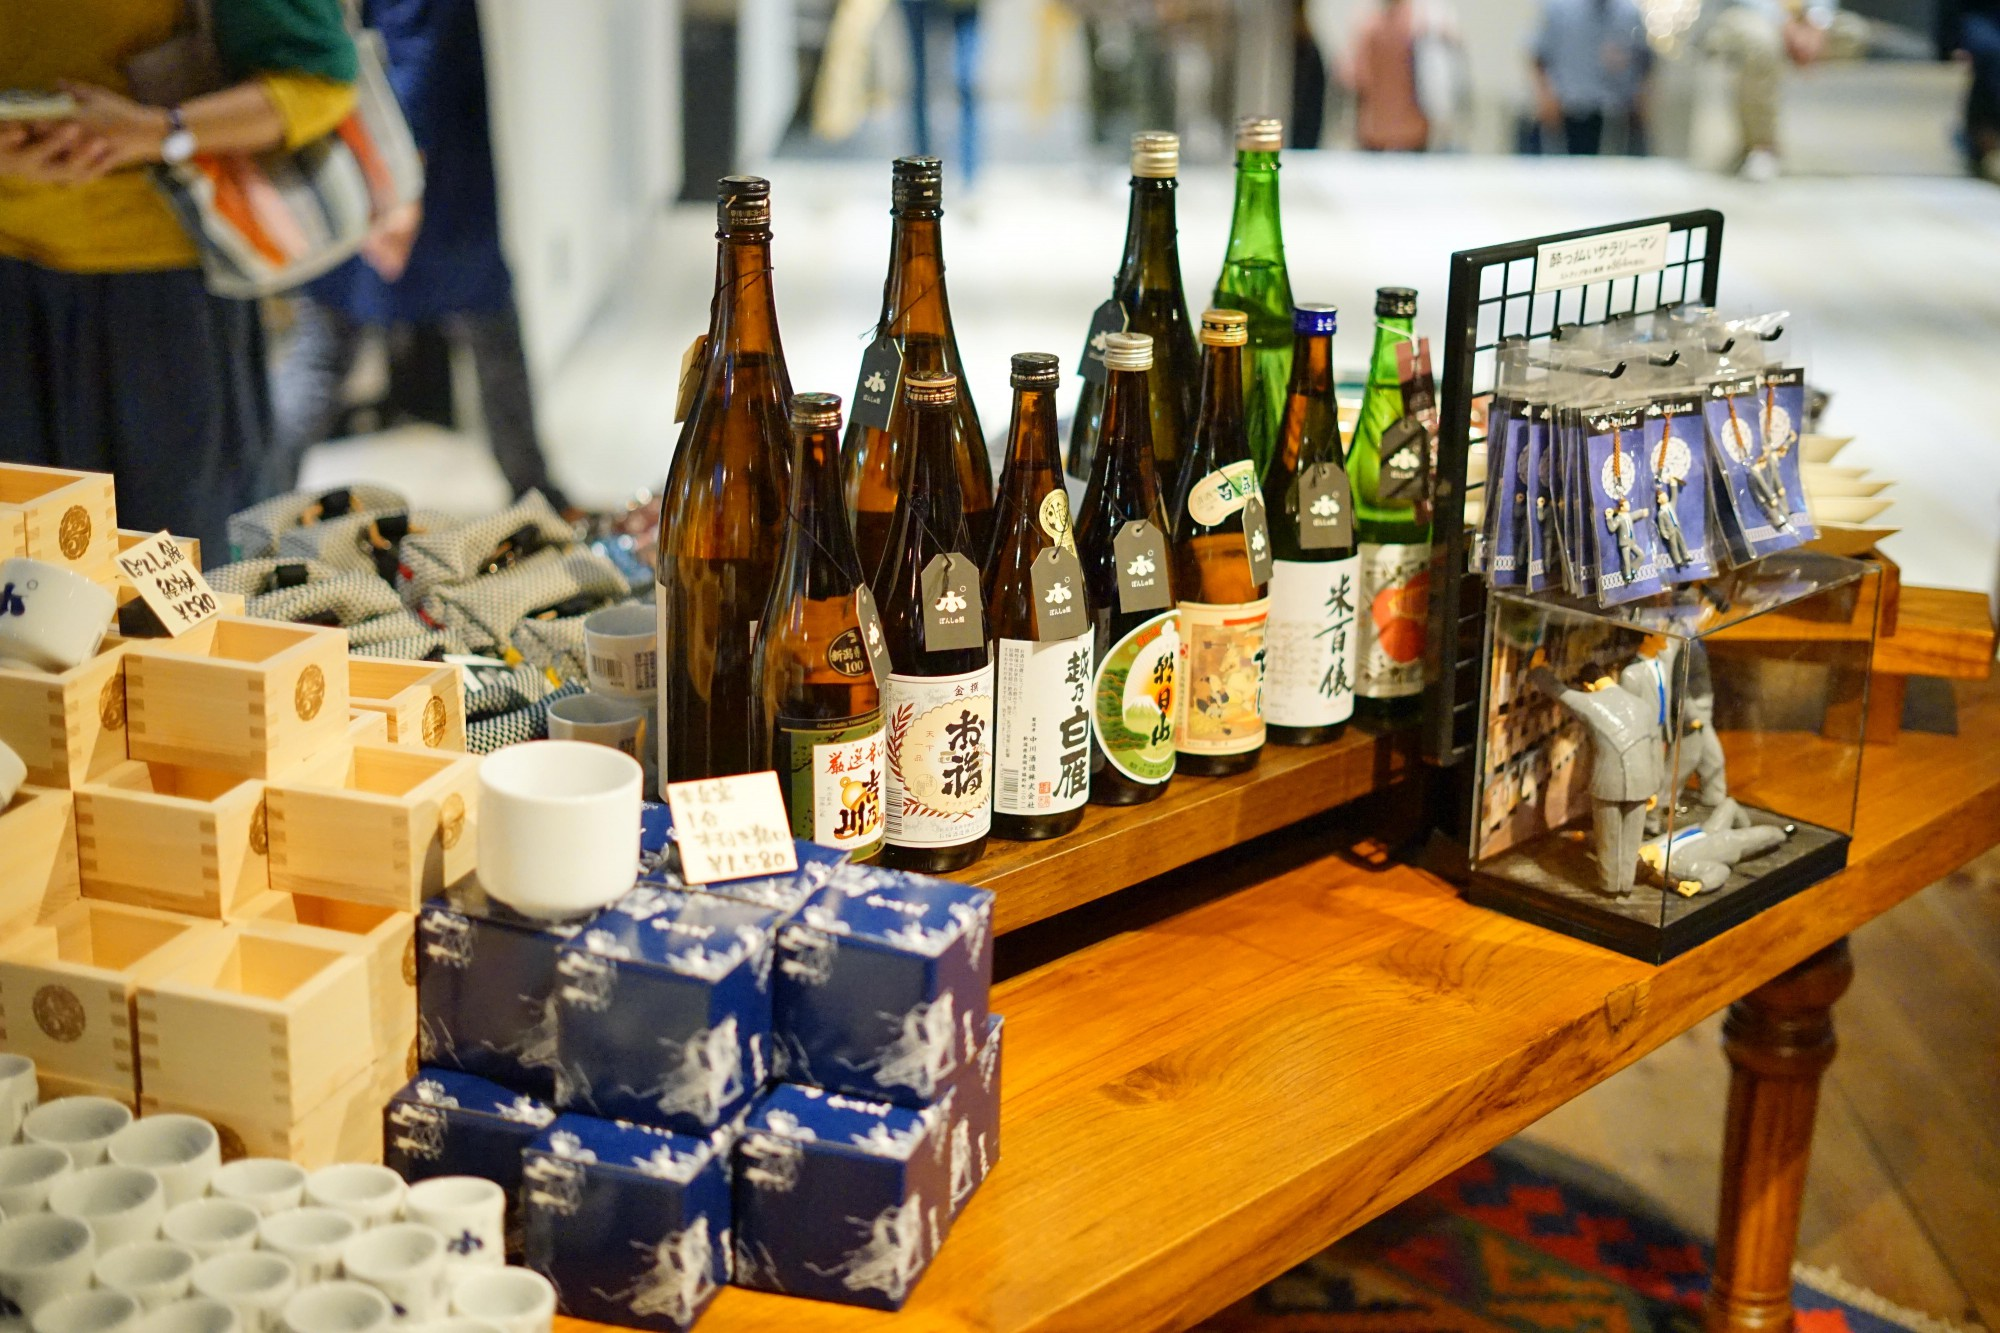 """「唎酒番所」のおちょこもここに。湯沢店で話題の""""酔っ払いサラリーマン""""のストラップも。"""